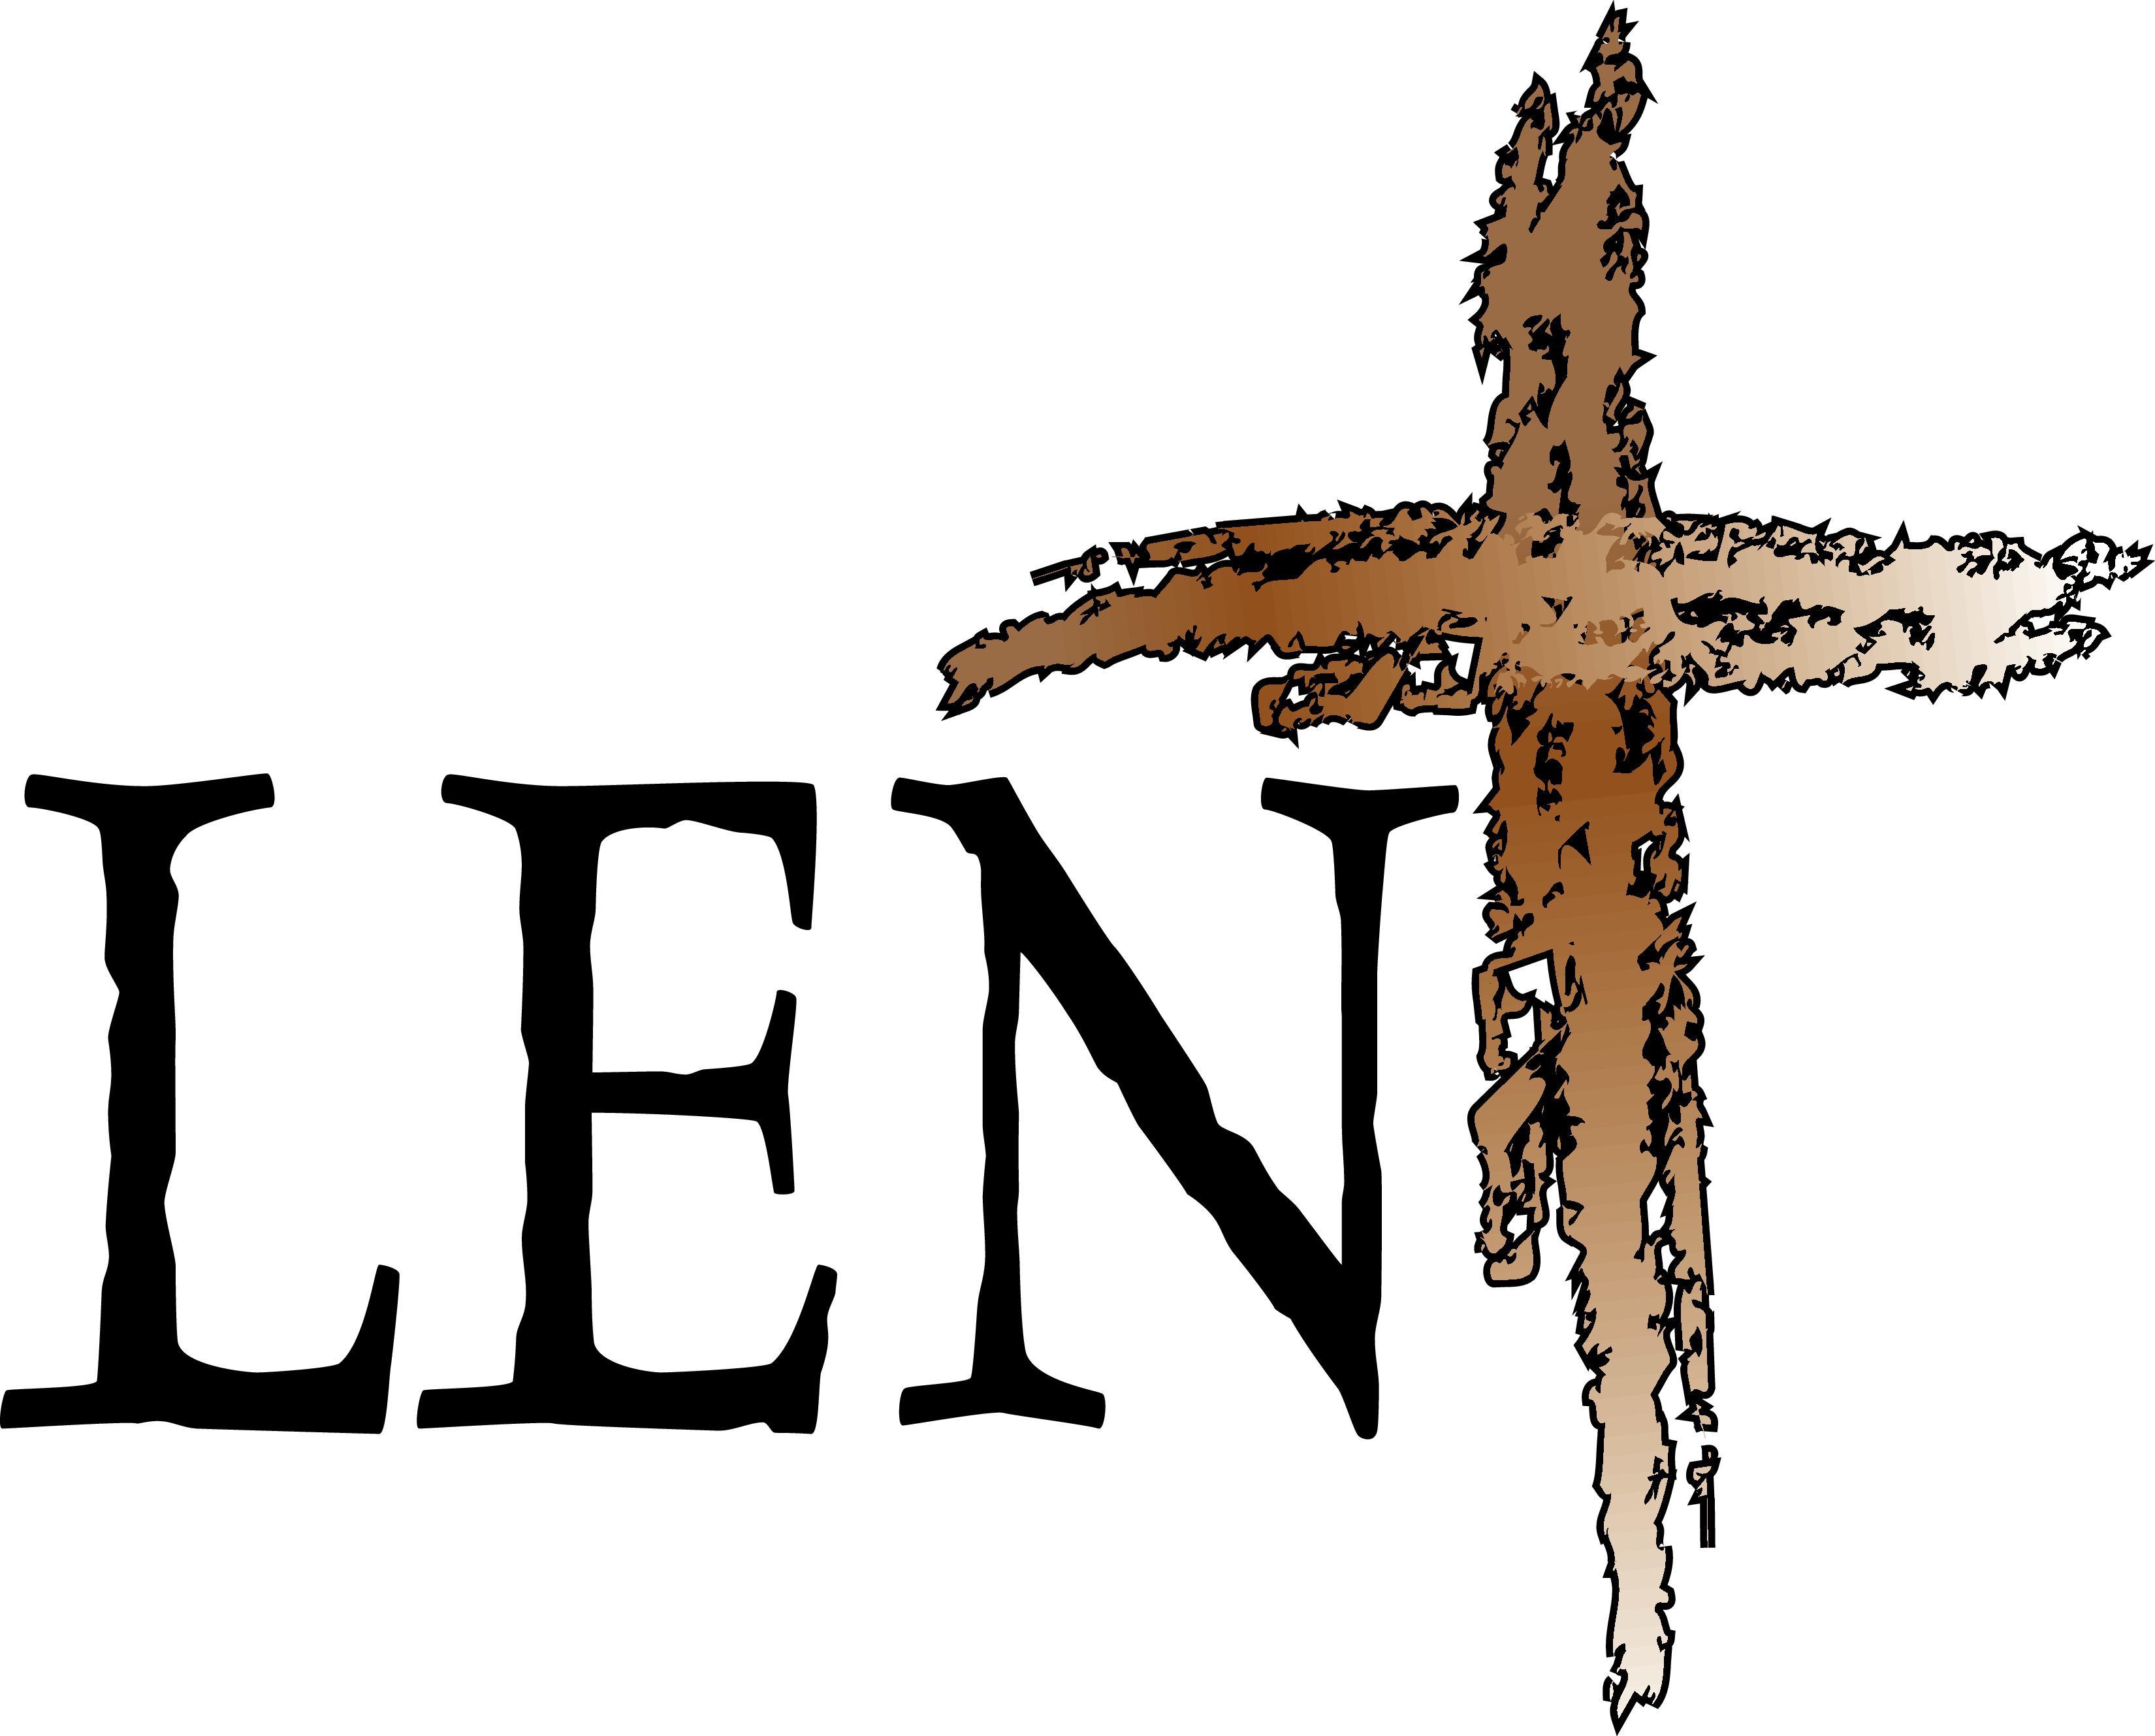 3300x2658 Clipart Free Lent